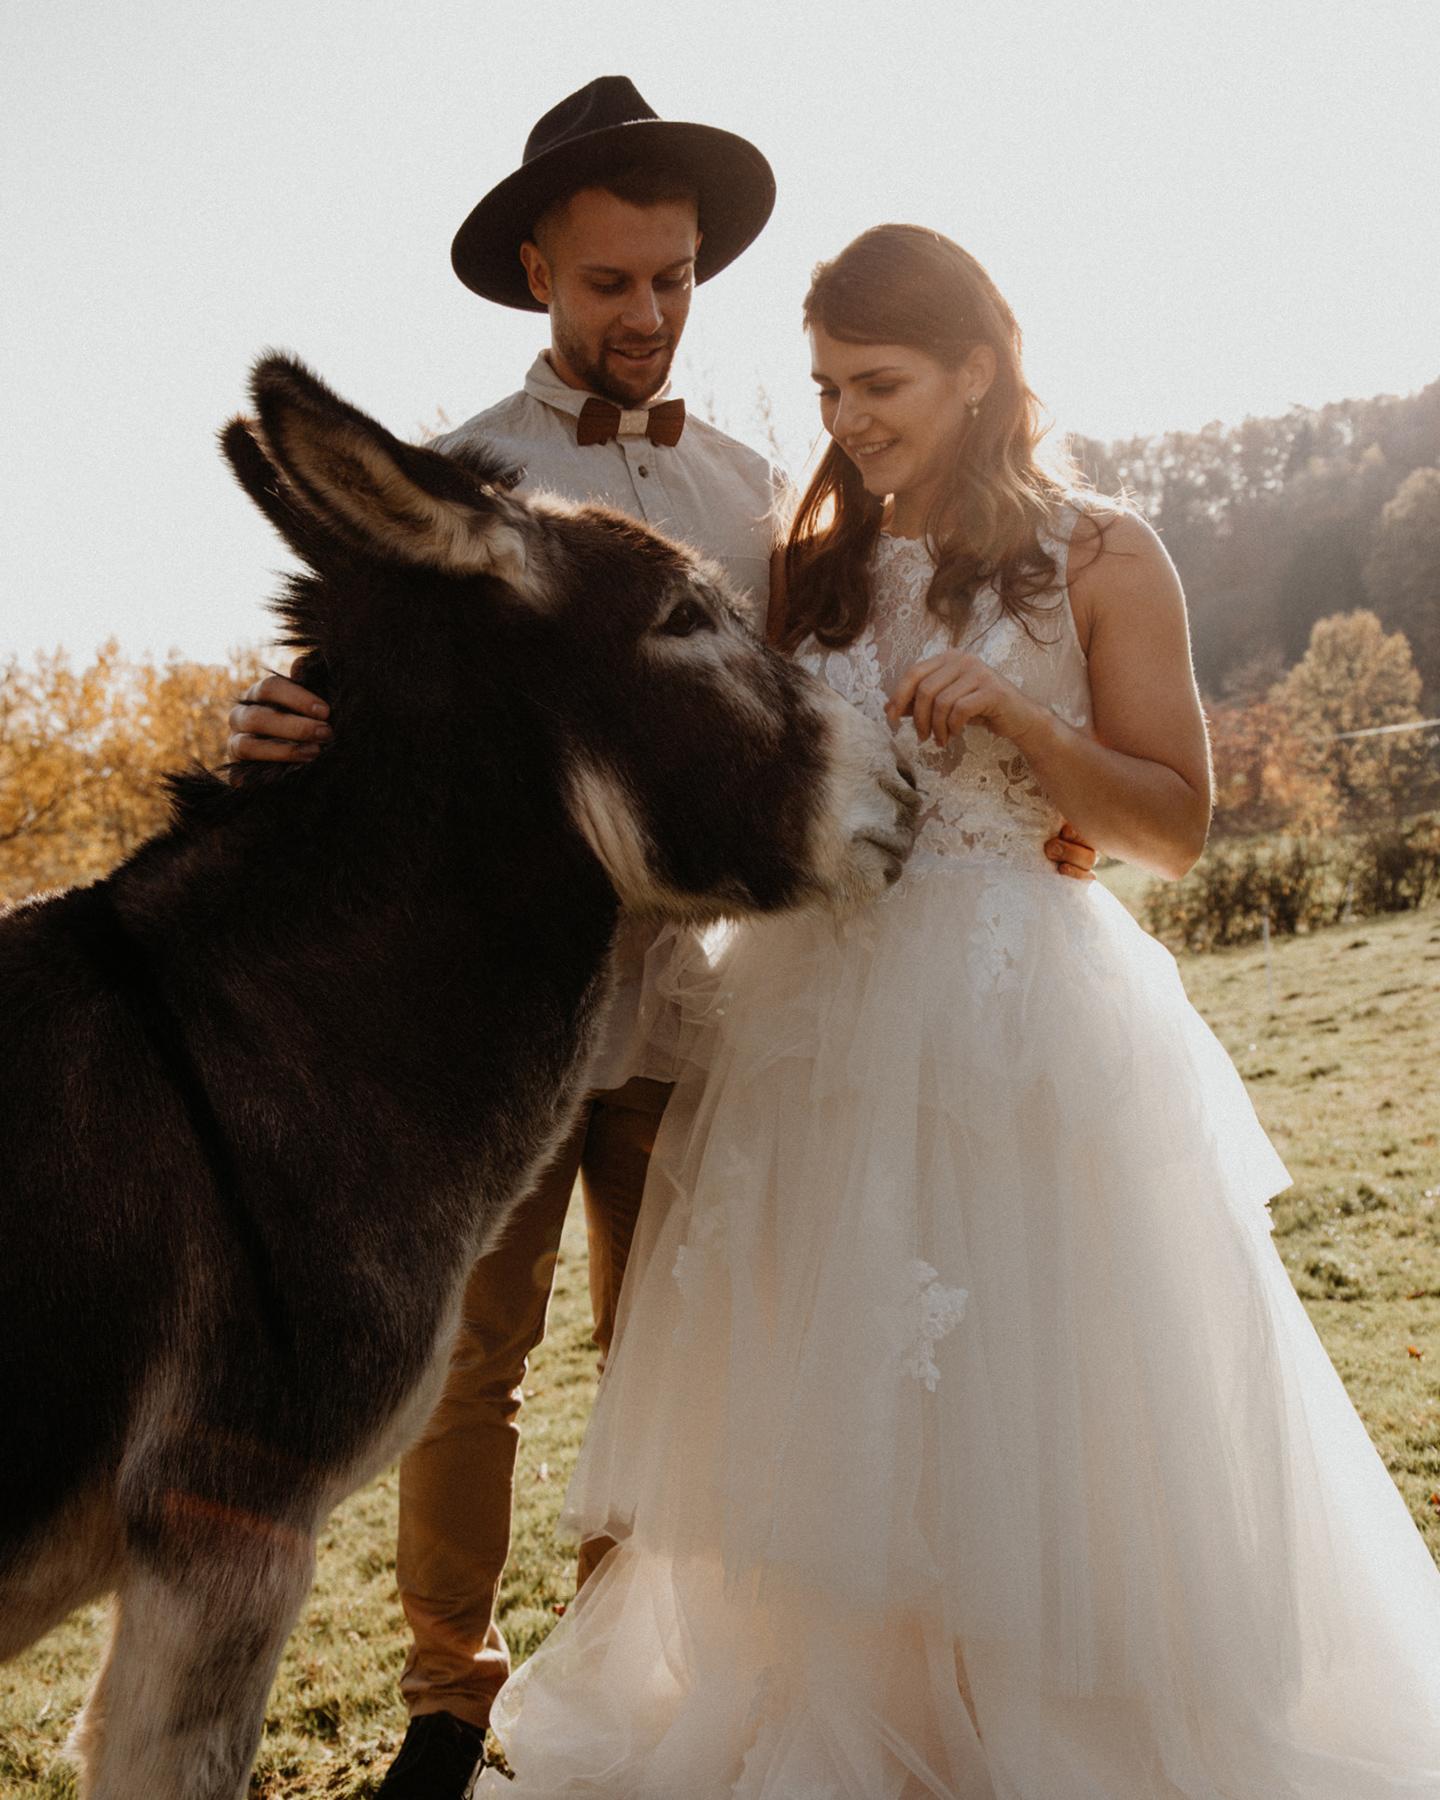 Boho Brautpaar streichelt Esel bei Fotoshooting